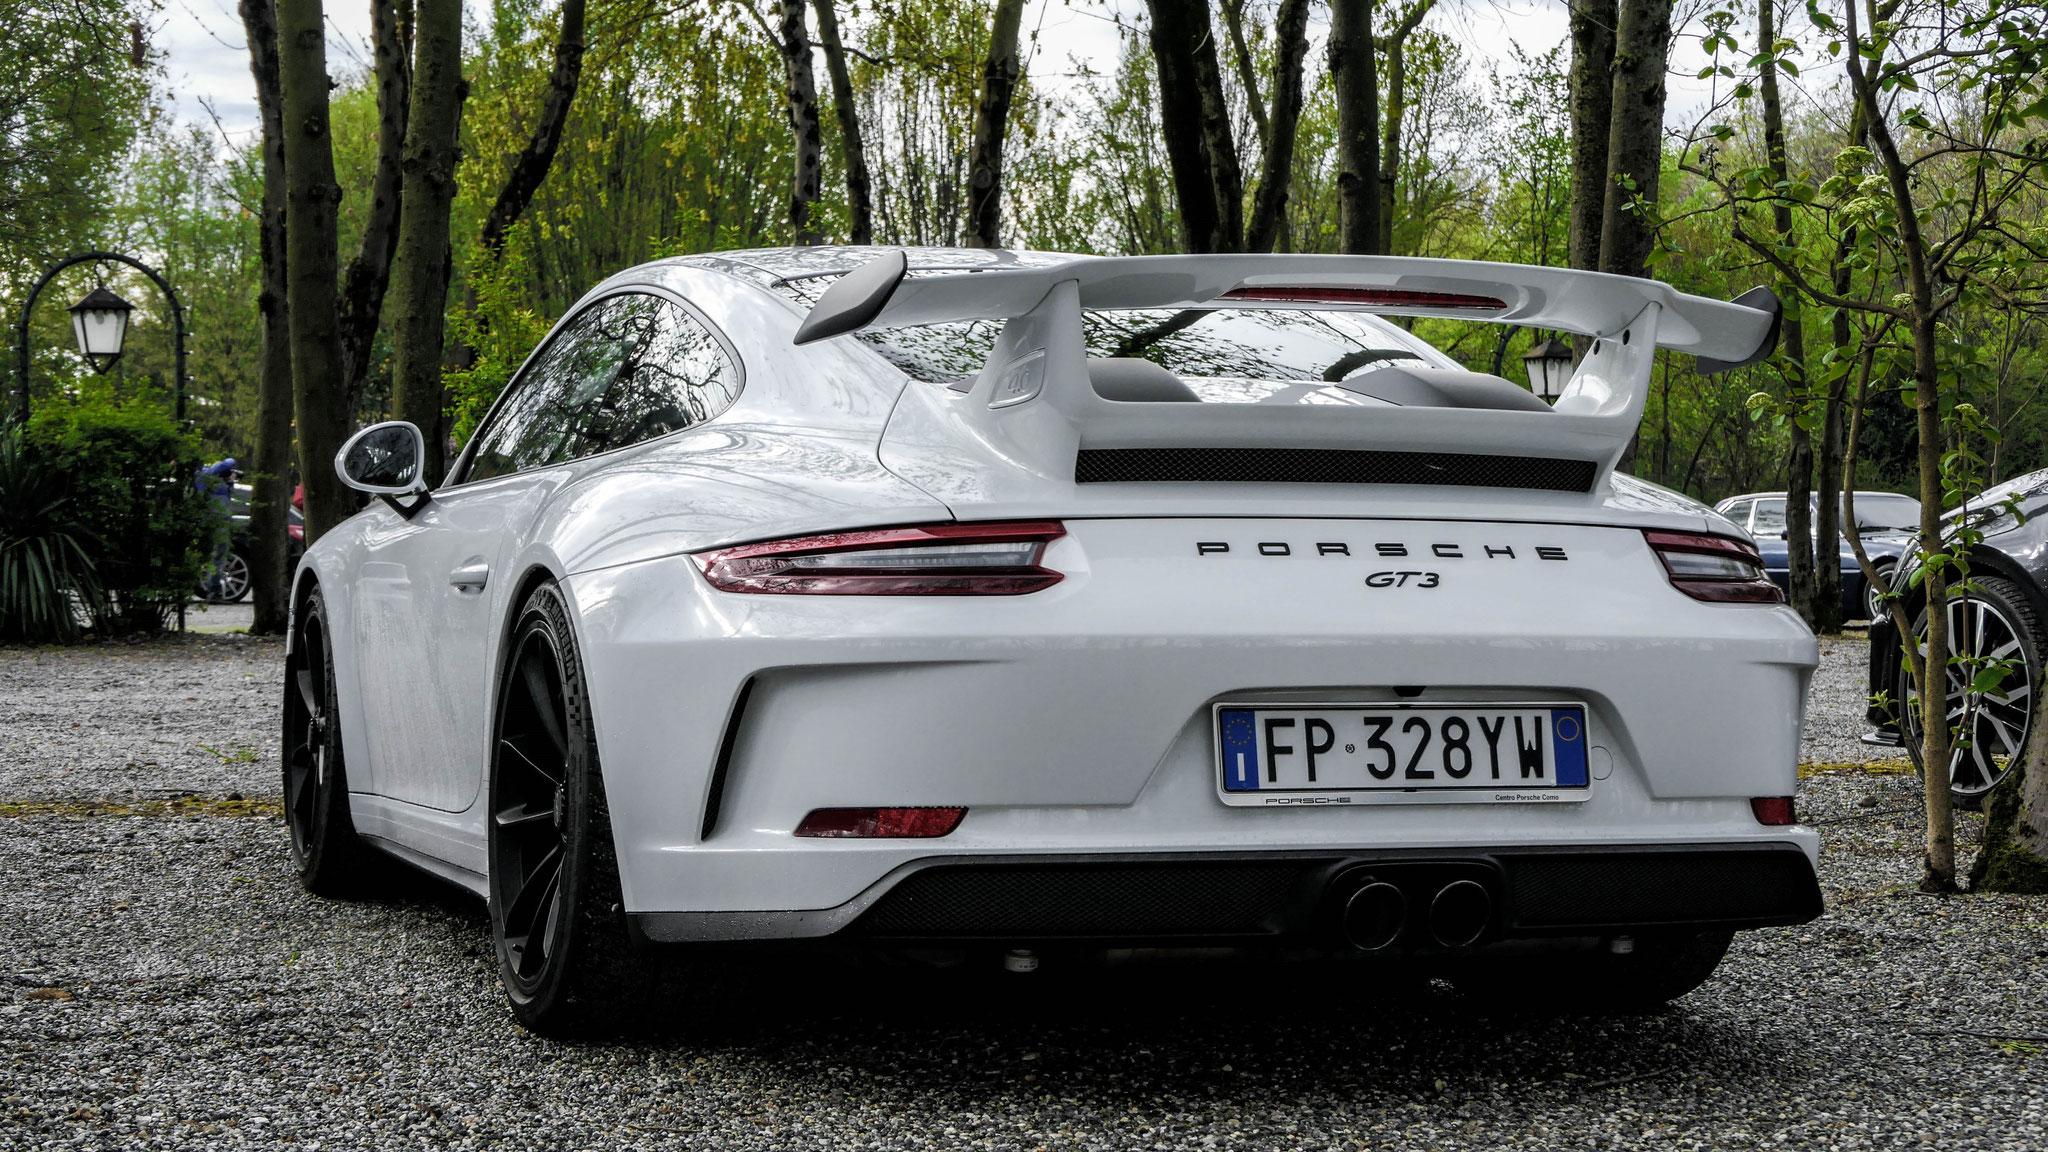 Porsche 991 GT3 - FP-328-YW (ITA)